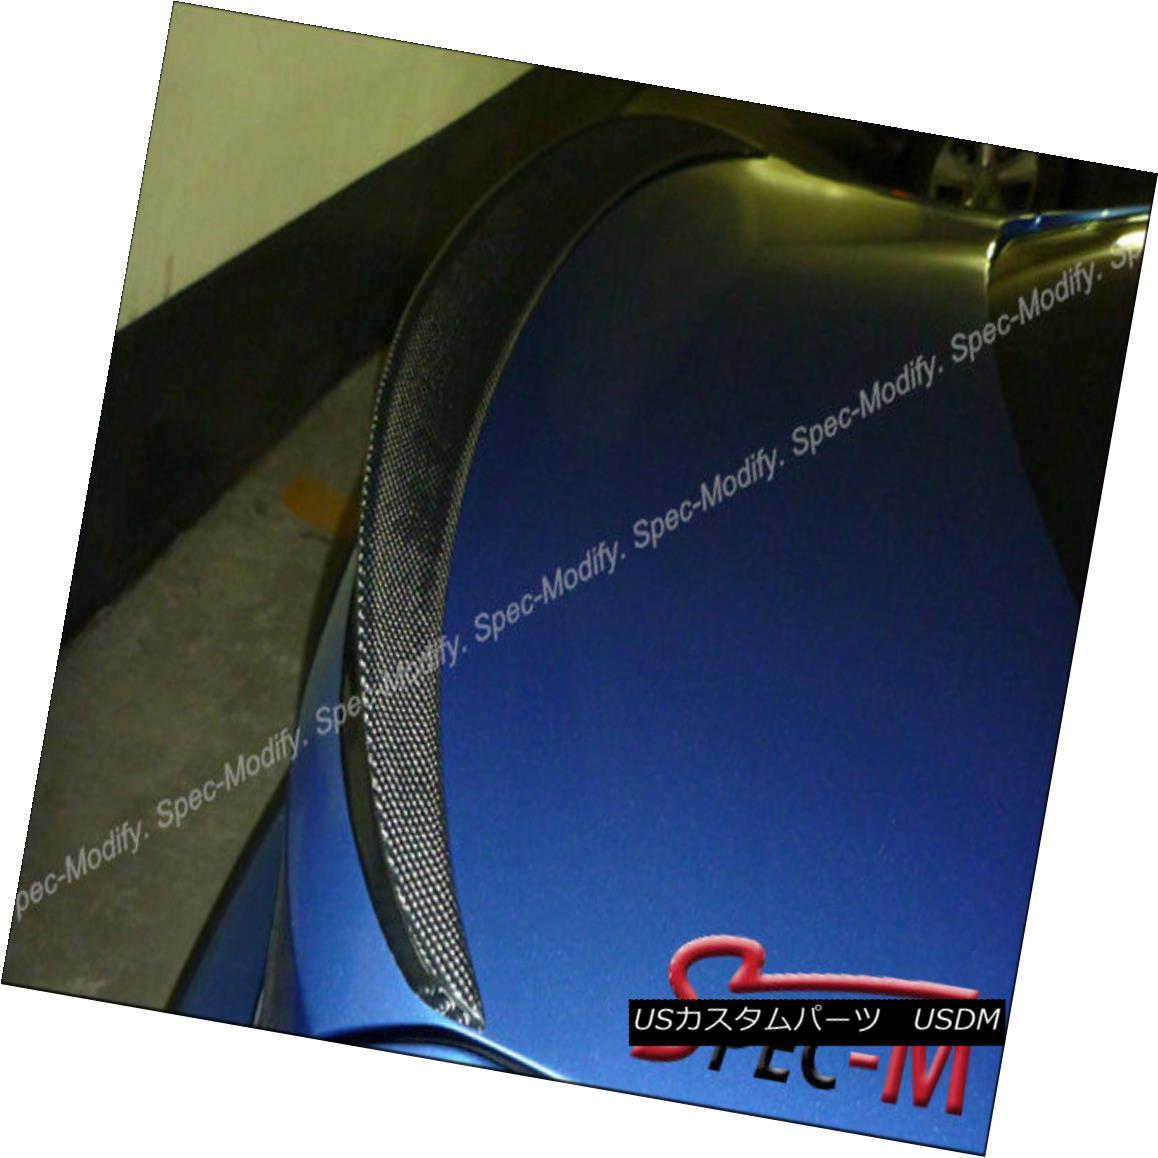 エアロパーツ 4Dr D-Performance 2012+ Style Carbon Fiber Trunk Lip 2012+ Spoiler For 320i 328i 335i 4Dr 2012+ D-パフォーマンススタイルカーボンファイバートランクリップスポイラー320i用328i 335i 4Dr 2012+, ユラチョウ:ef288e43 --- sunward.msk.ru